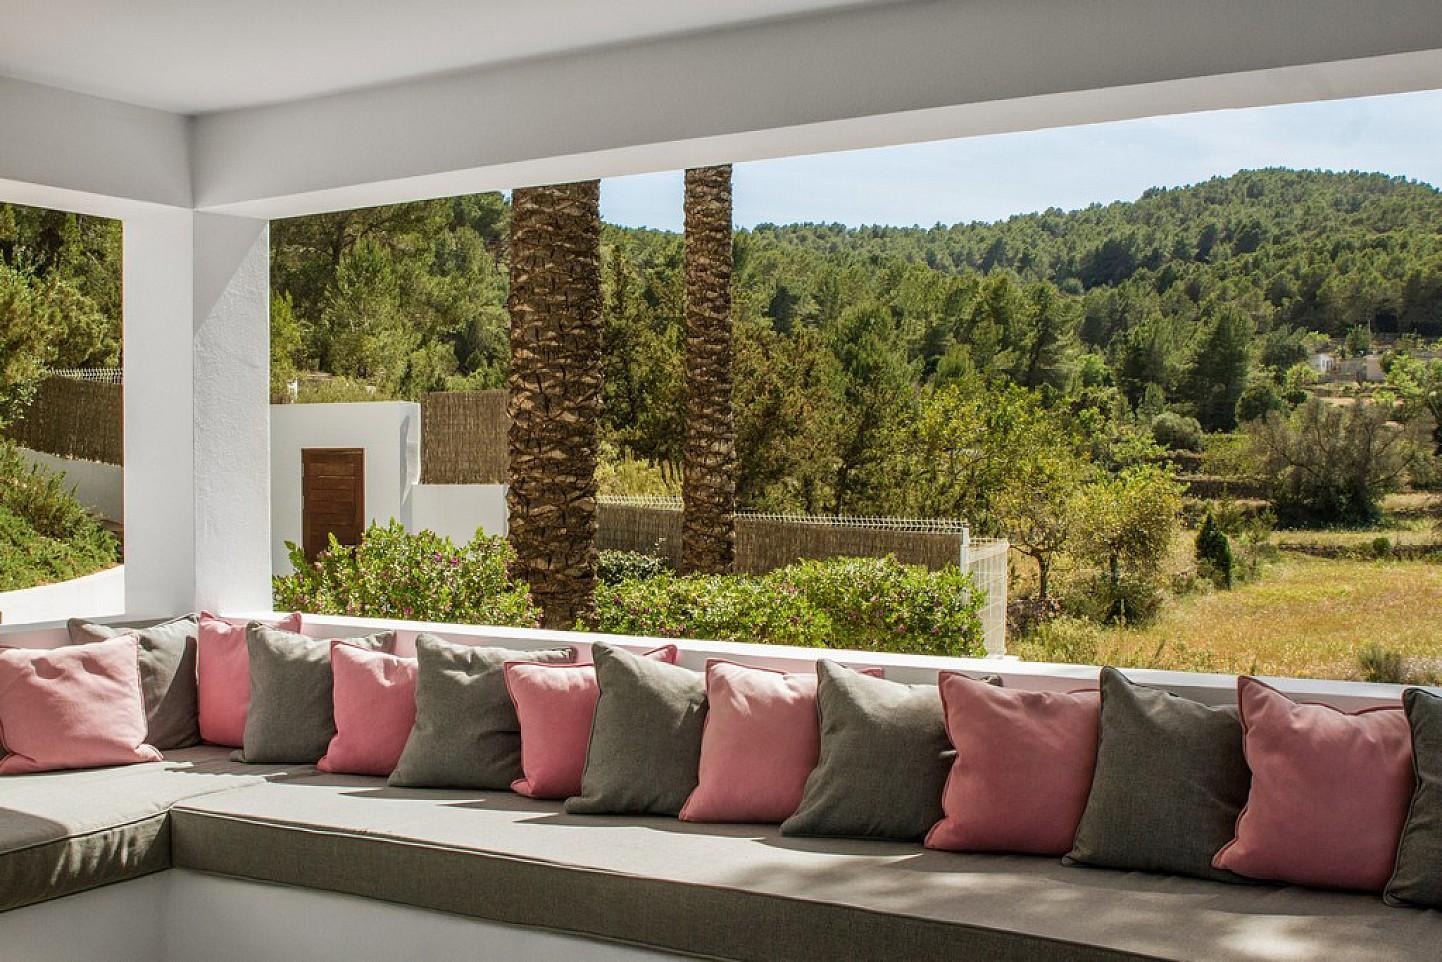 Arbor de exclusiva villa con fantasticas vistas en alquiler, Ibiza